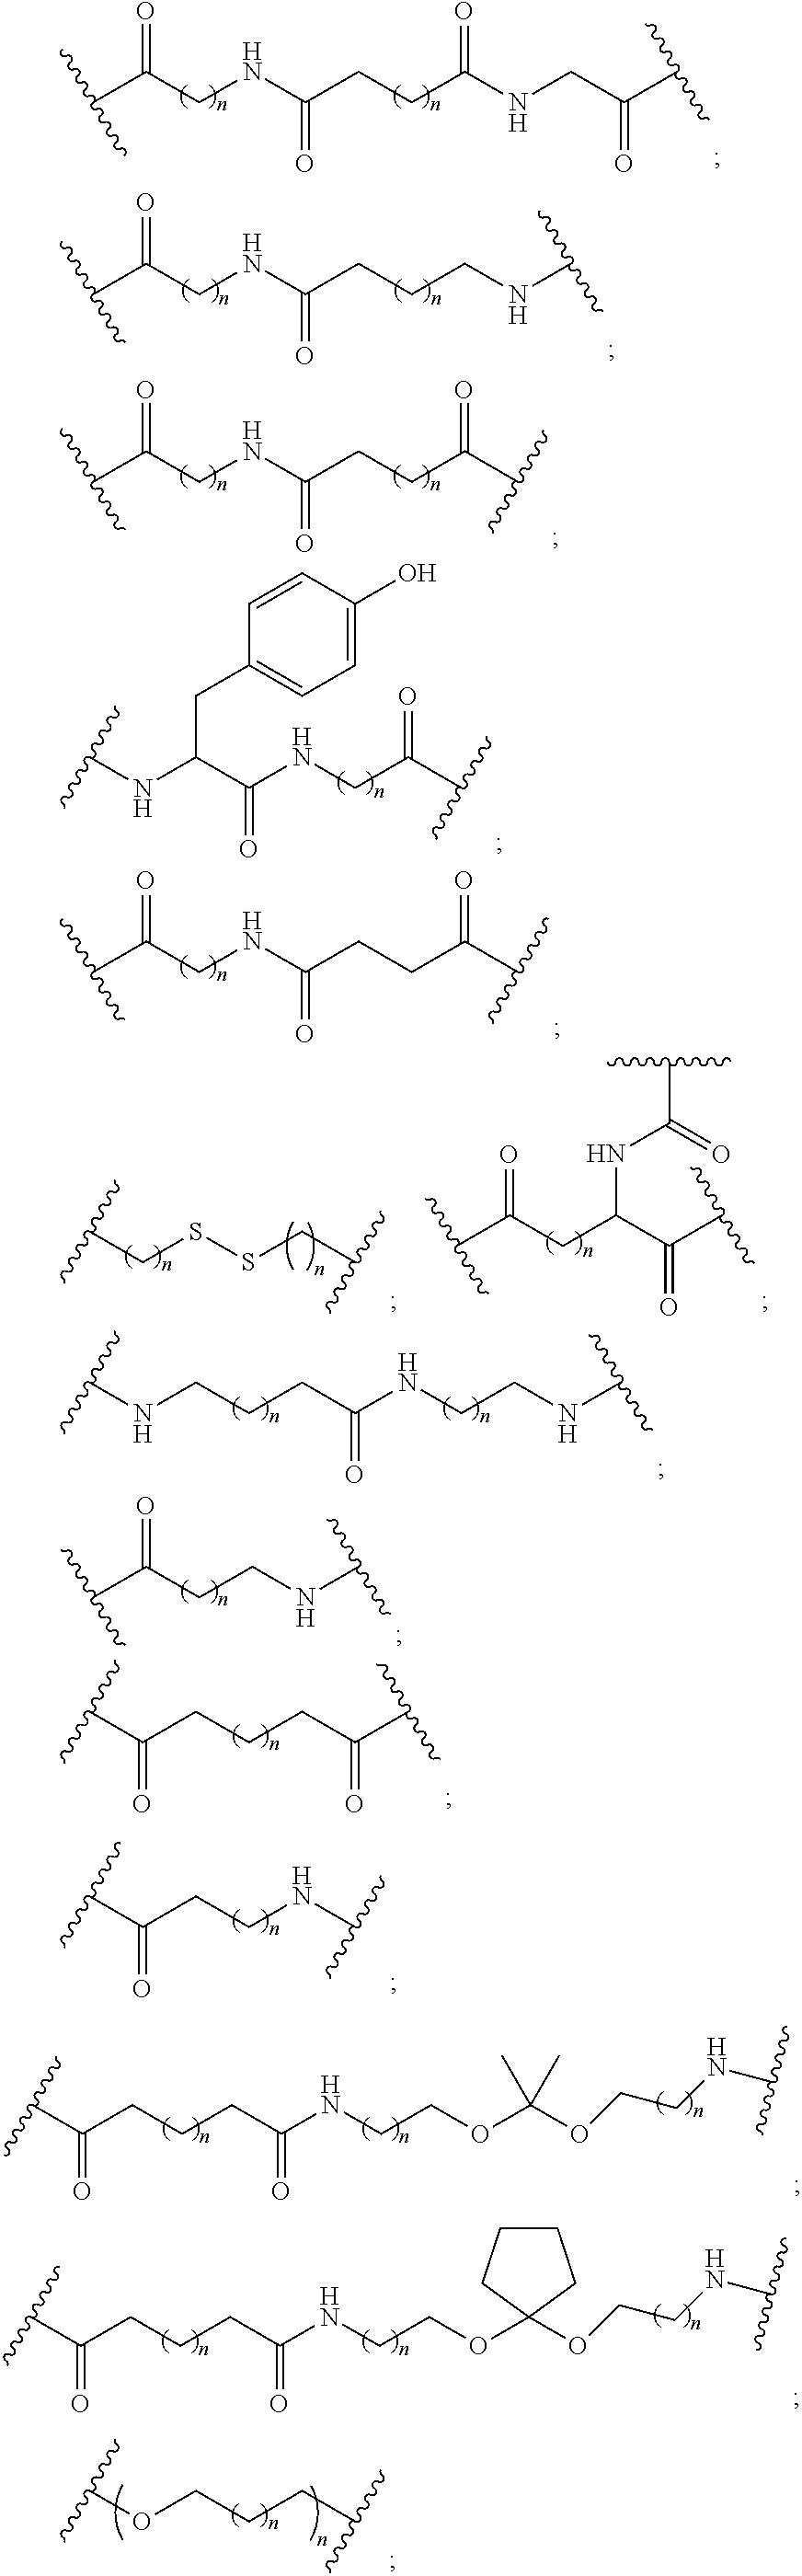 Figure US09994855-20180612-C00049